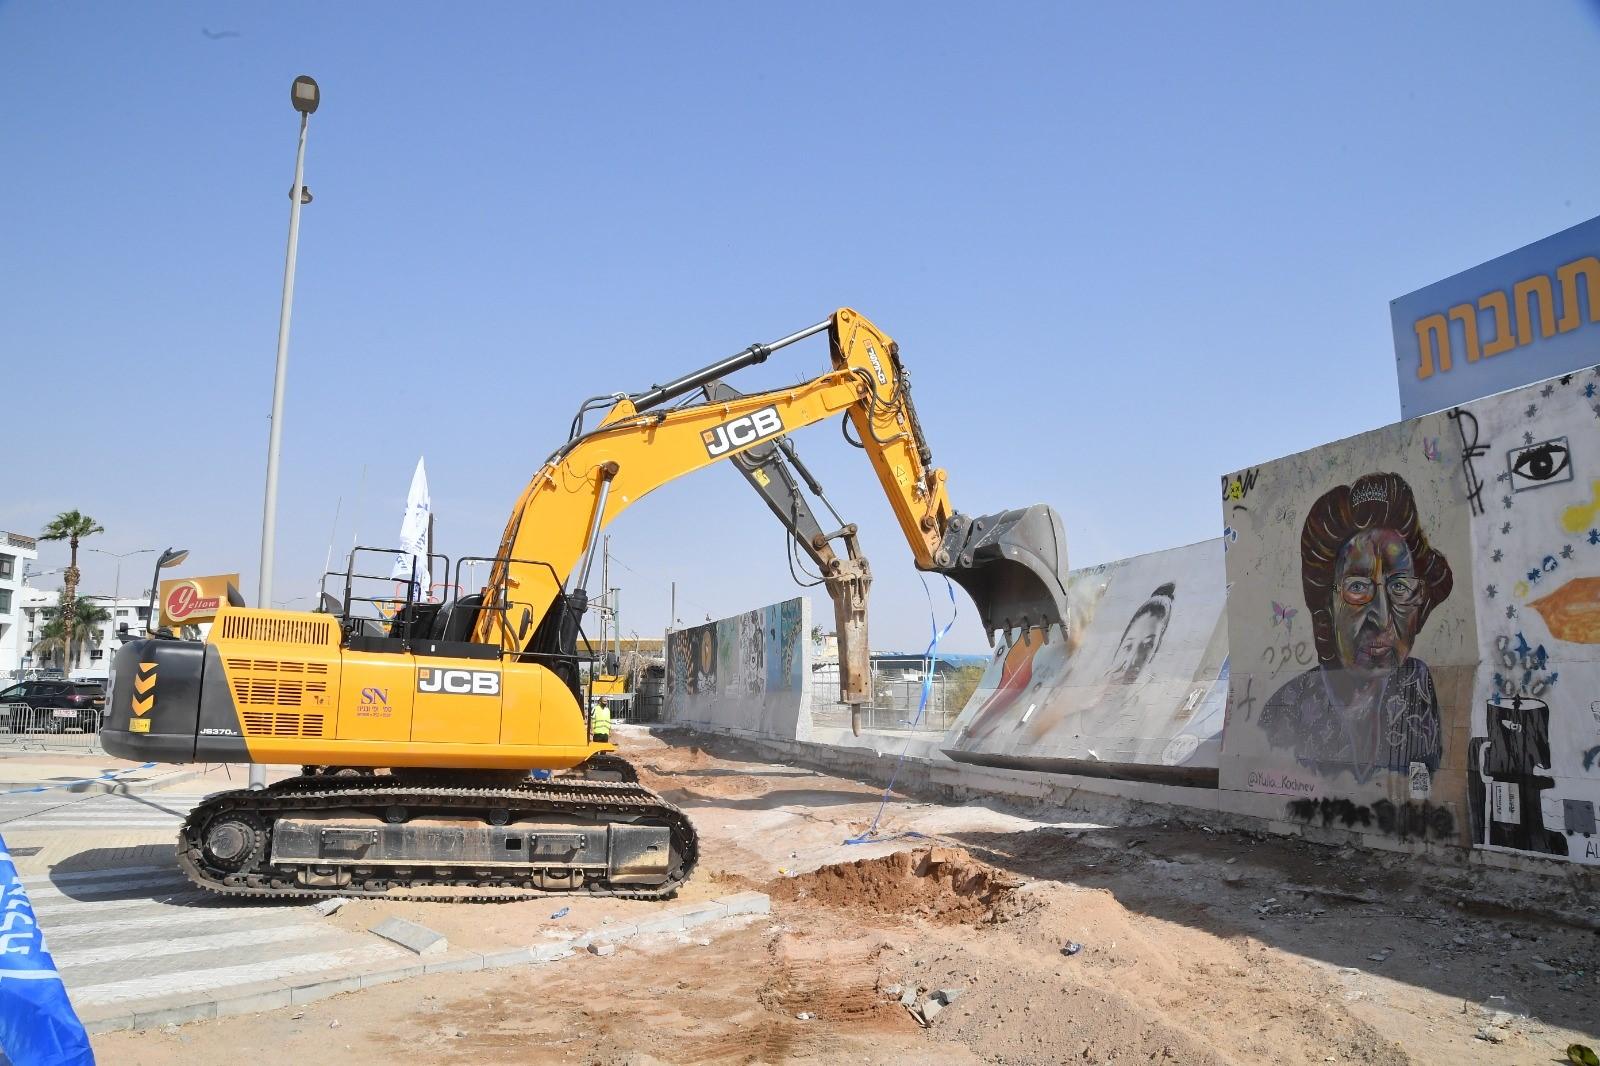 תם עידן - חומת שדה התעופה הישן באילת נהרסה והעיר אילת התחברה